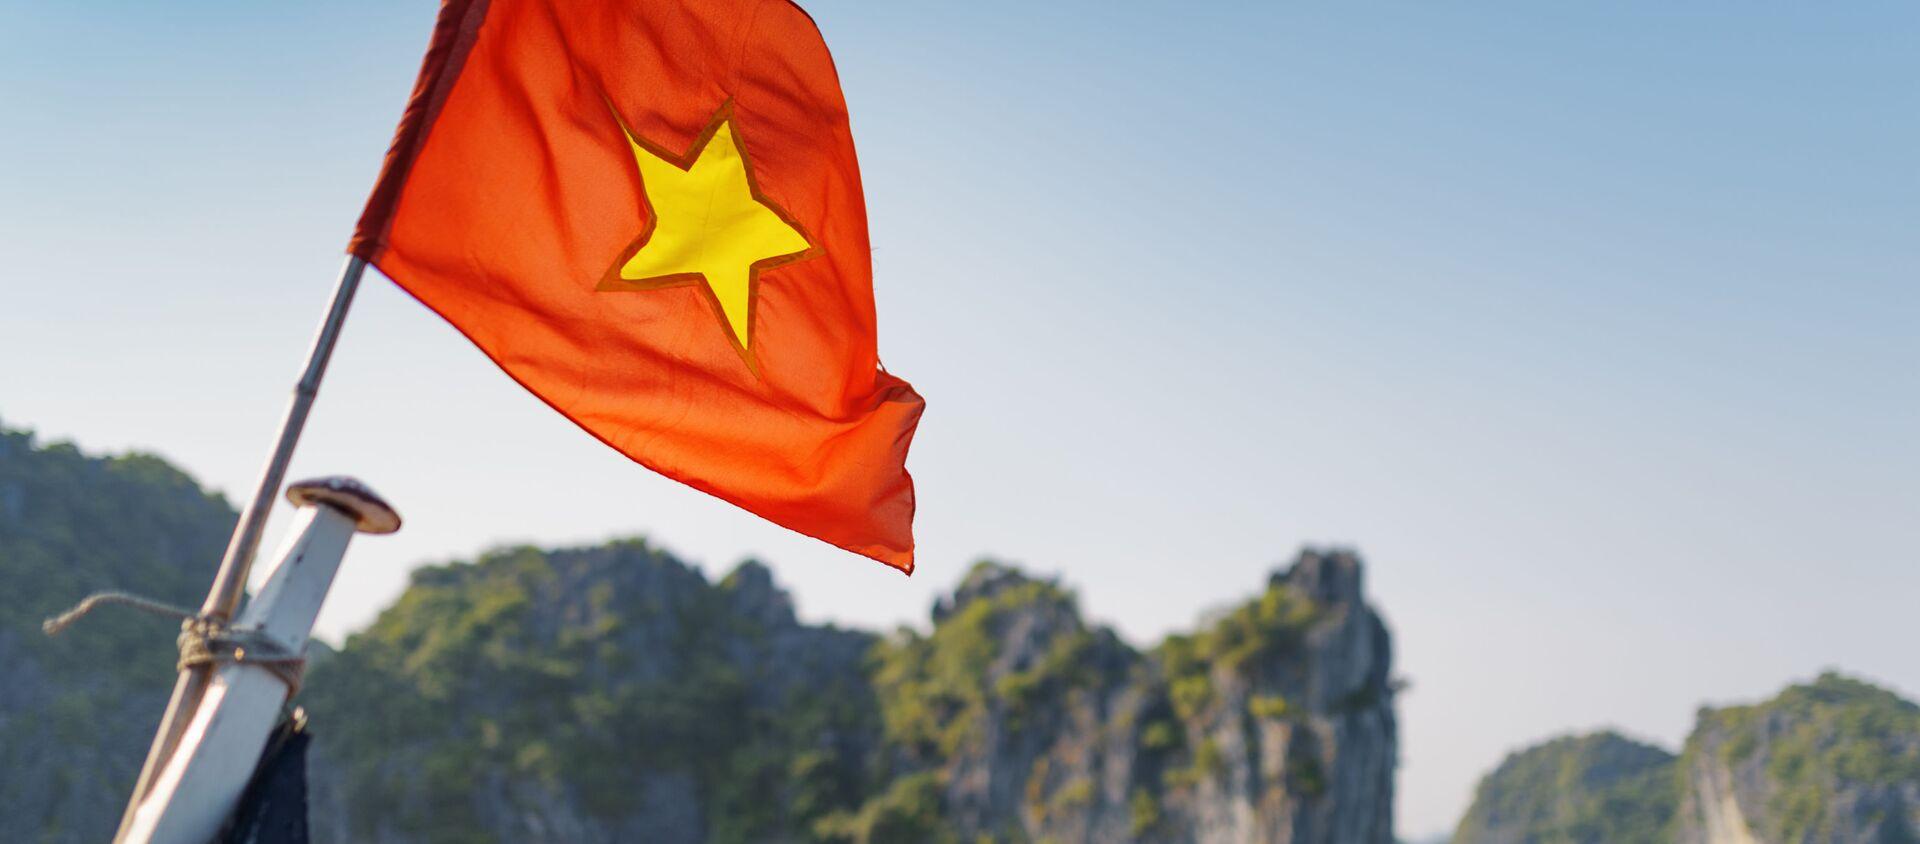 Quốc kỳ Việt Nam - Sputnik Việt Nam, 1920, 08.08.2018